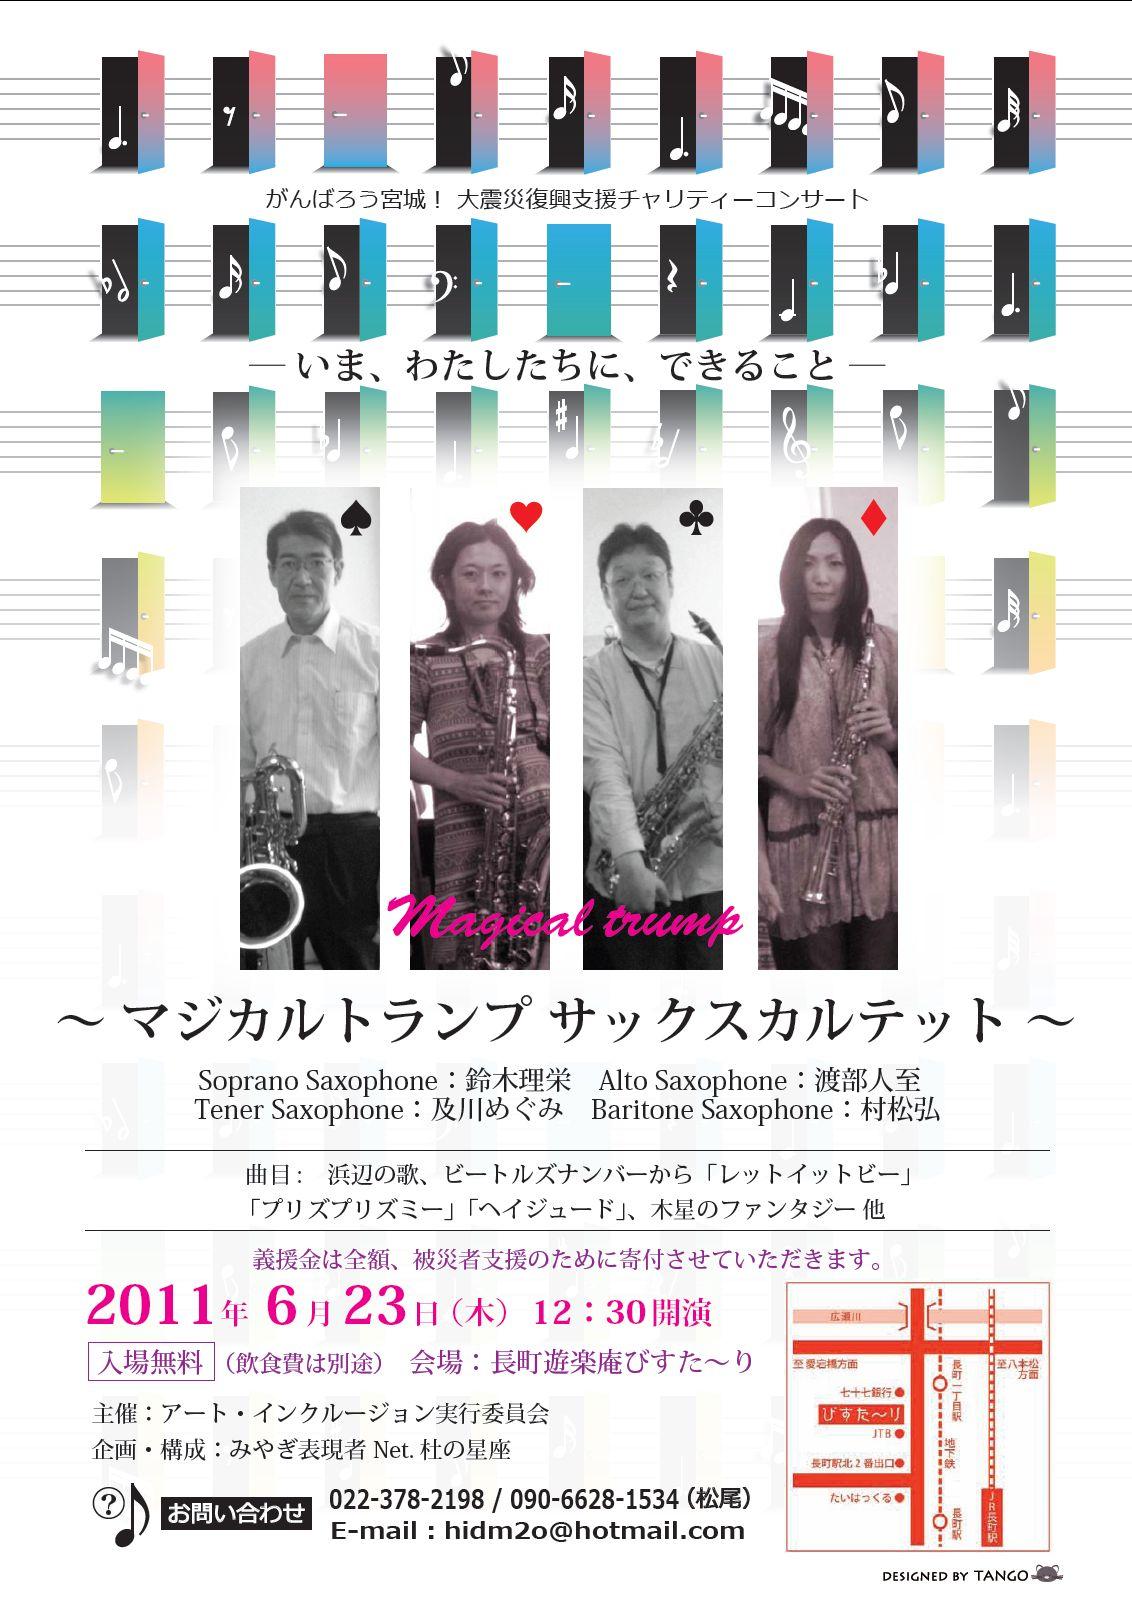 【宣伝】大震災復興支援チャリティーコンサート_b0206845_13422530.jpg